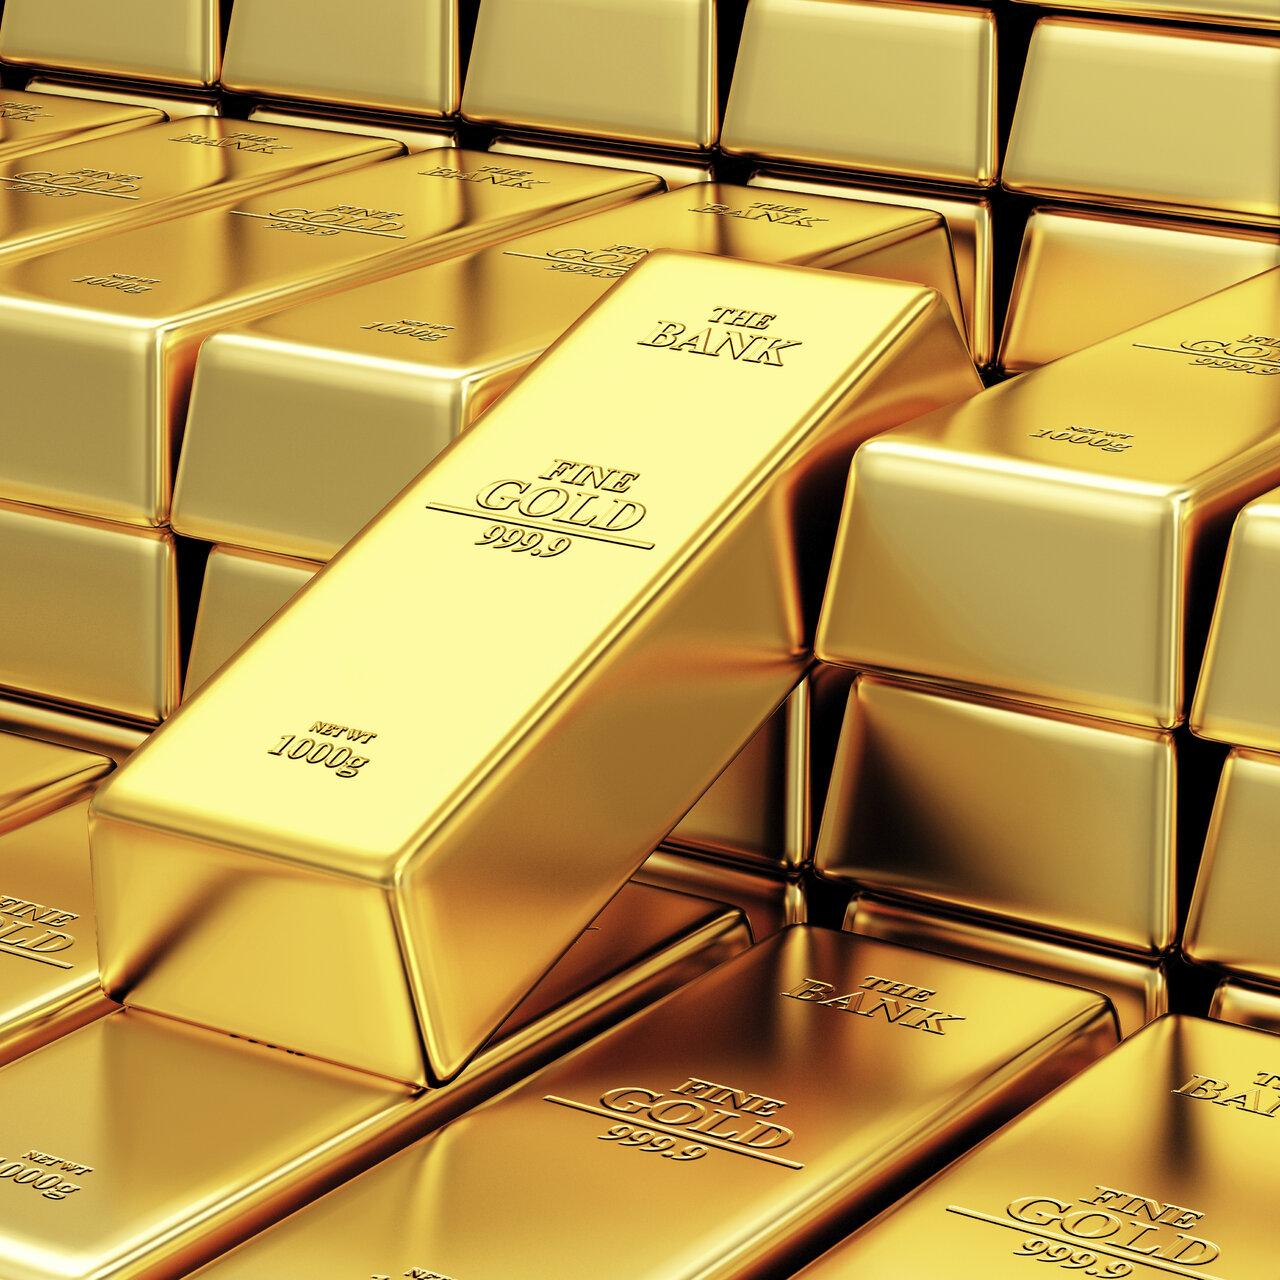 لماذا الذهب ذهبي؟